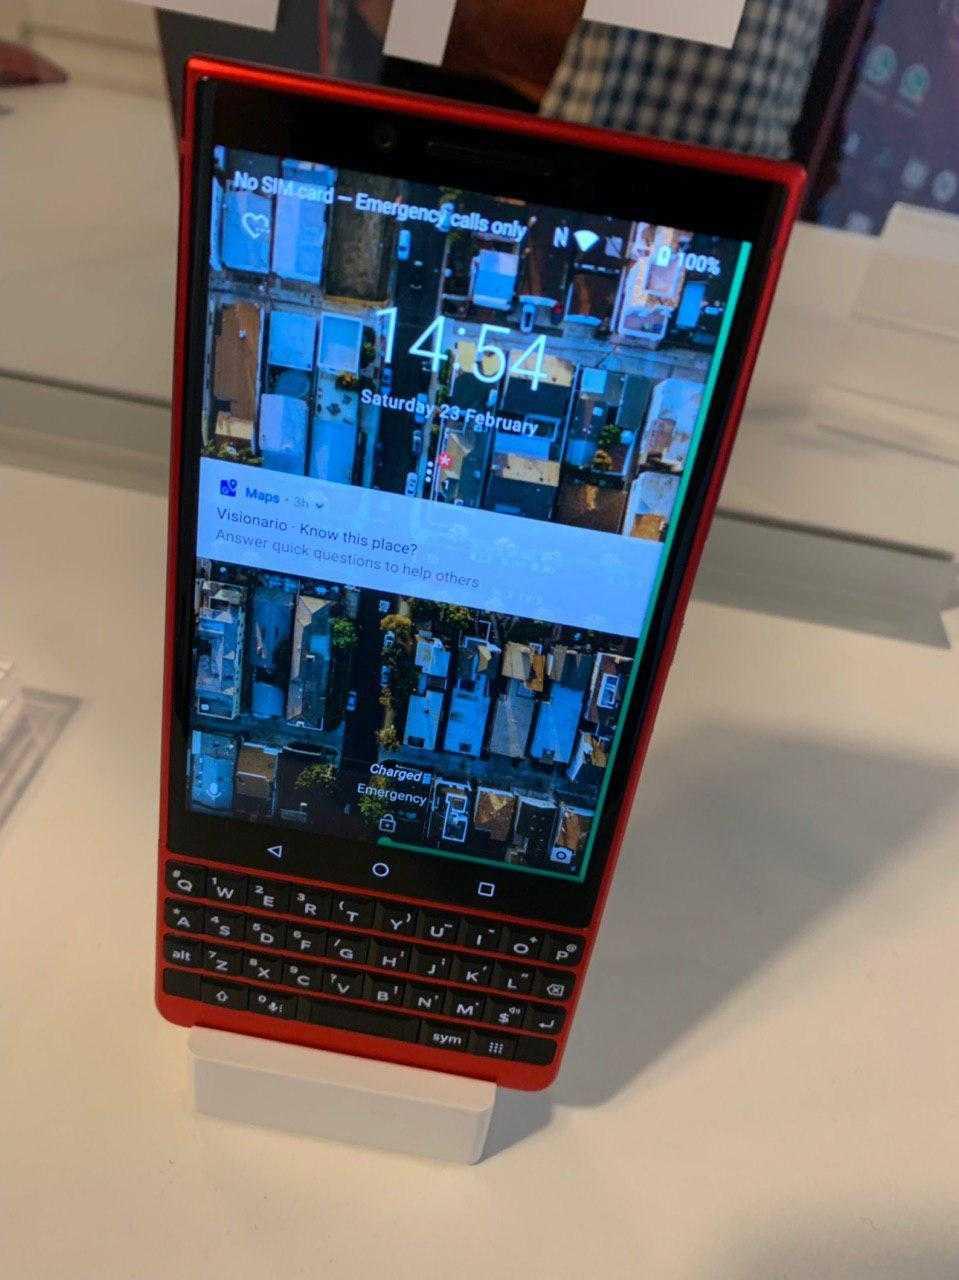 MWC 2019. BlackBerry KEY2 будет в красном цвете и с памятью 128 ГБ (photo 2019 02 23 19 54 13)